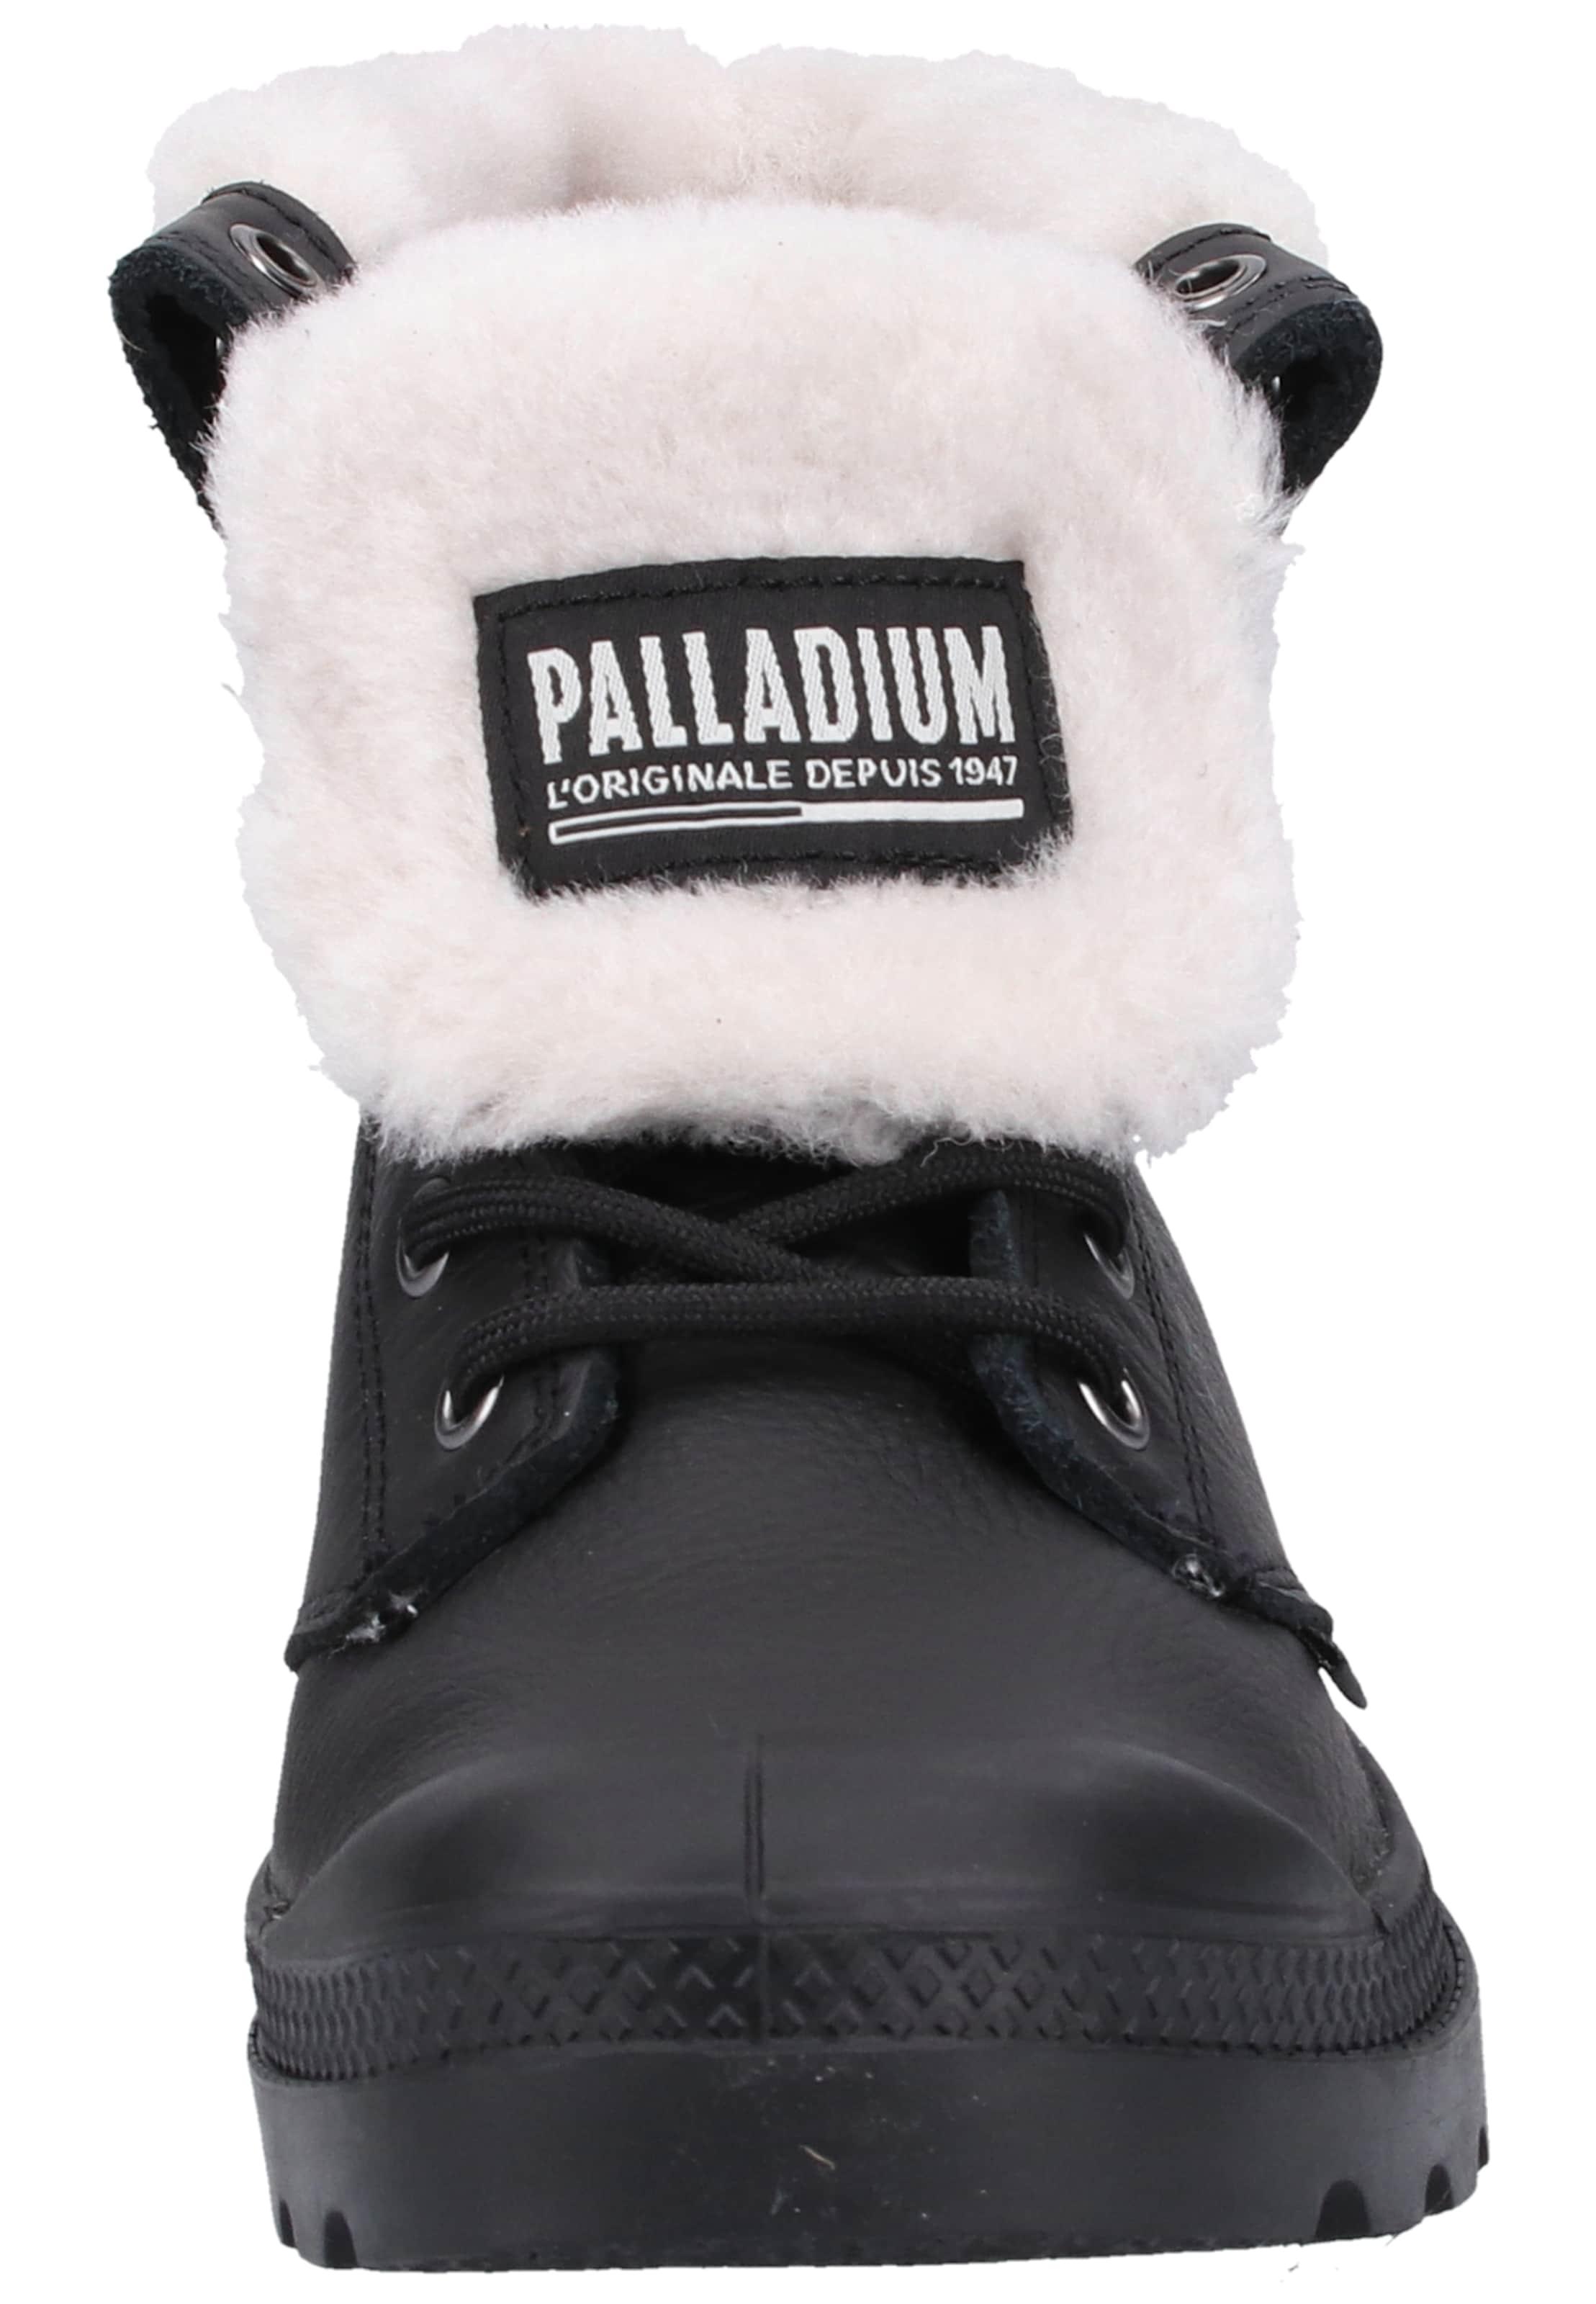 Palladium À Lacets Bottines En CrèmeNoir byv6Yf7g